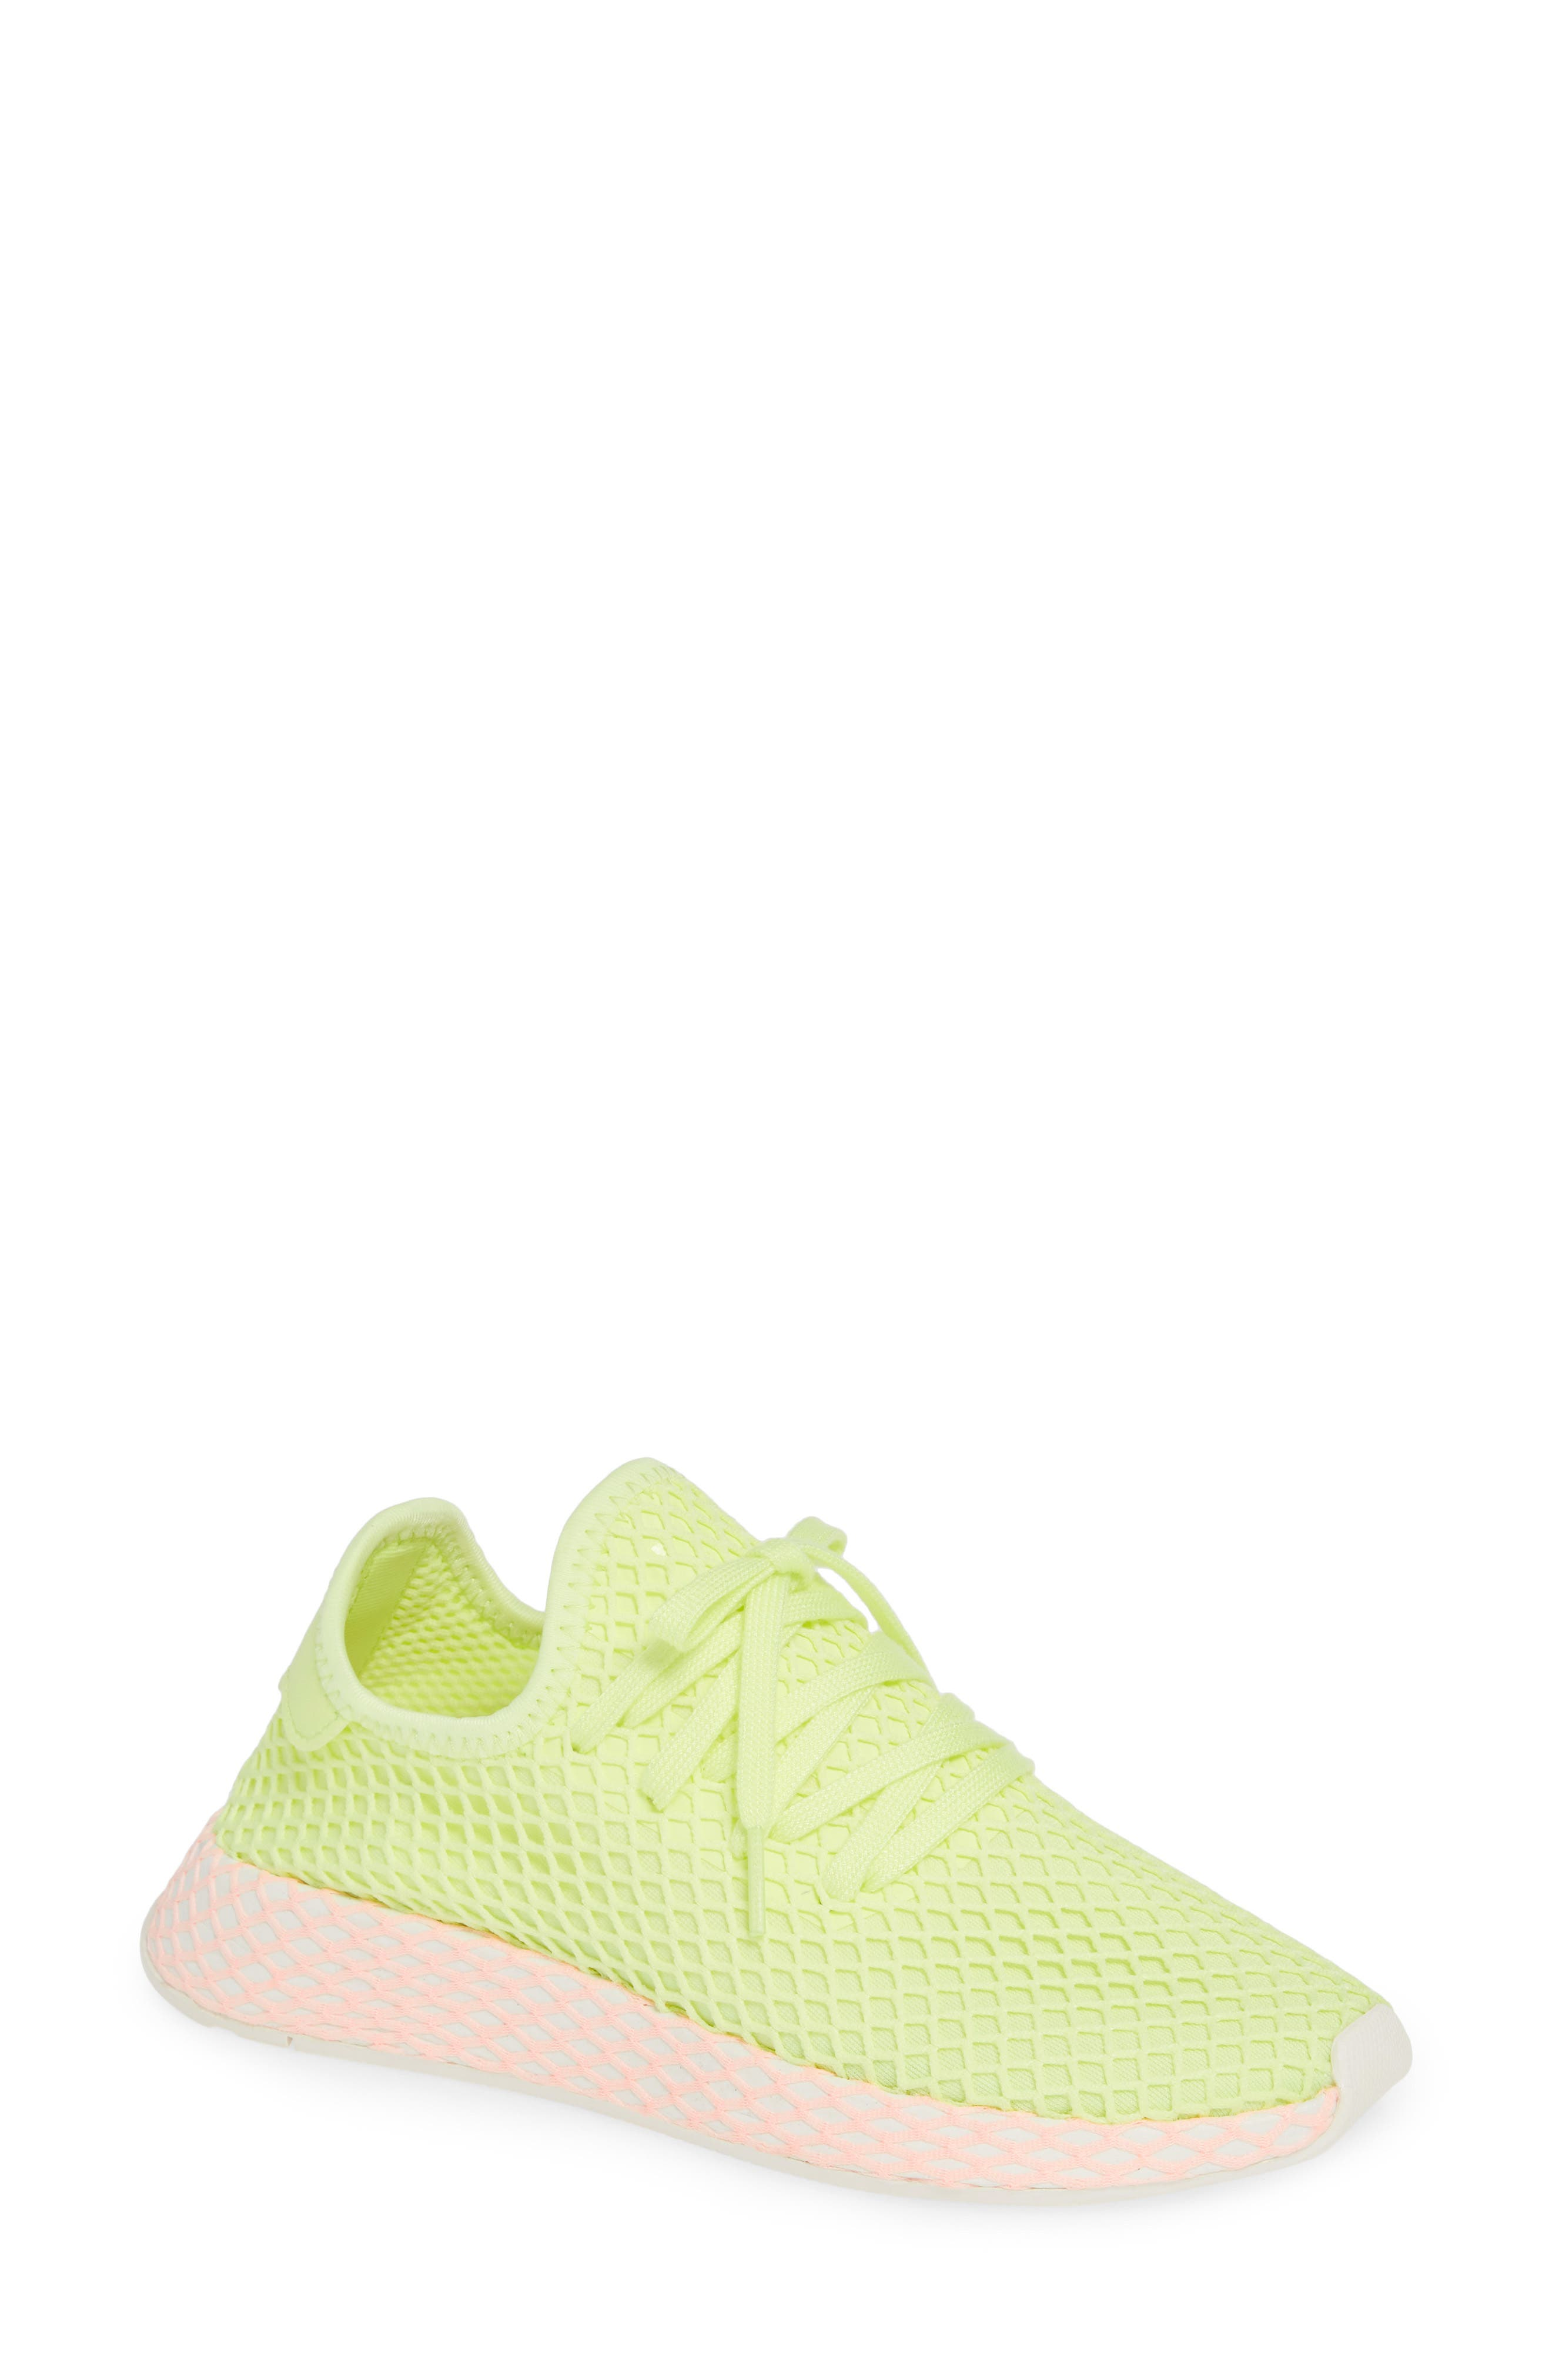 Deerupt Runner Sneaker,                         Main,                         color, 700